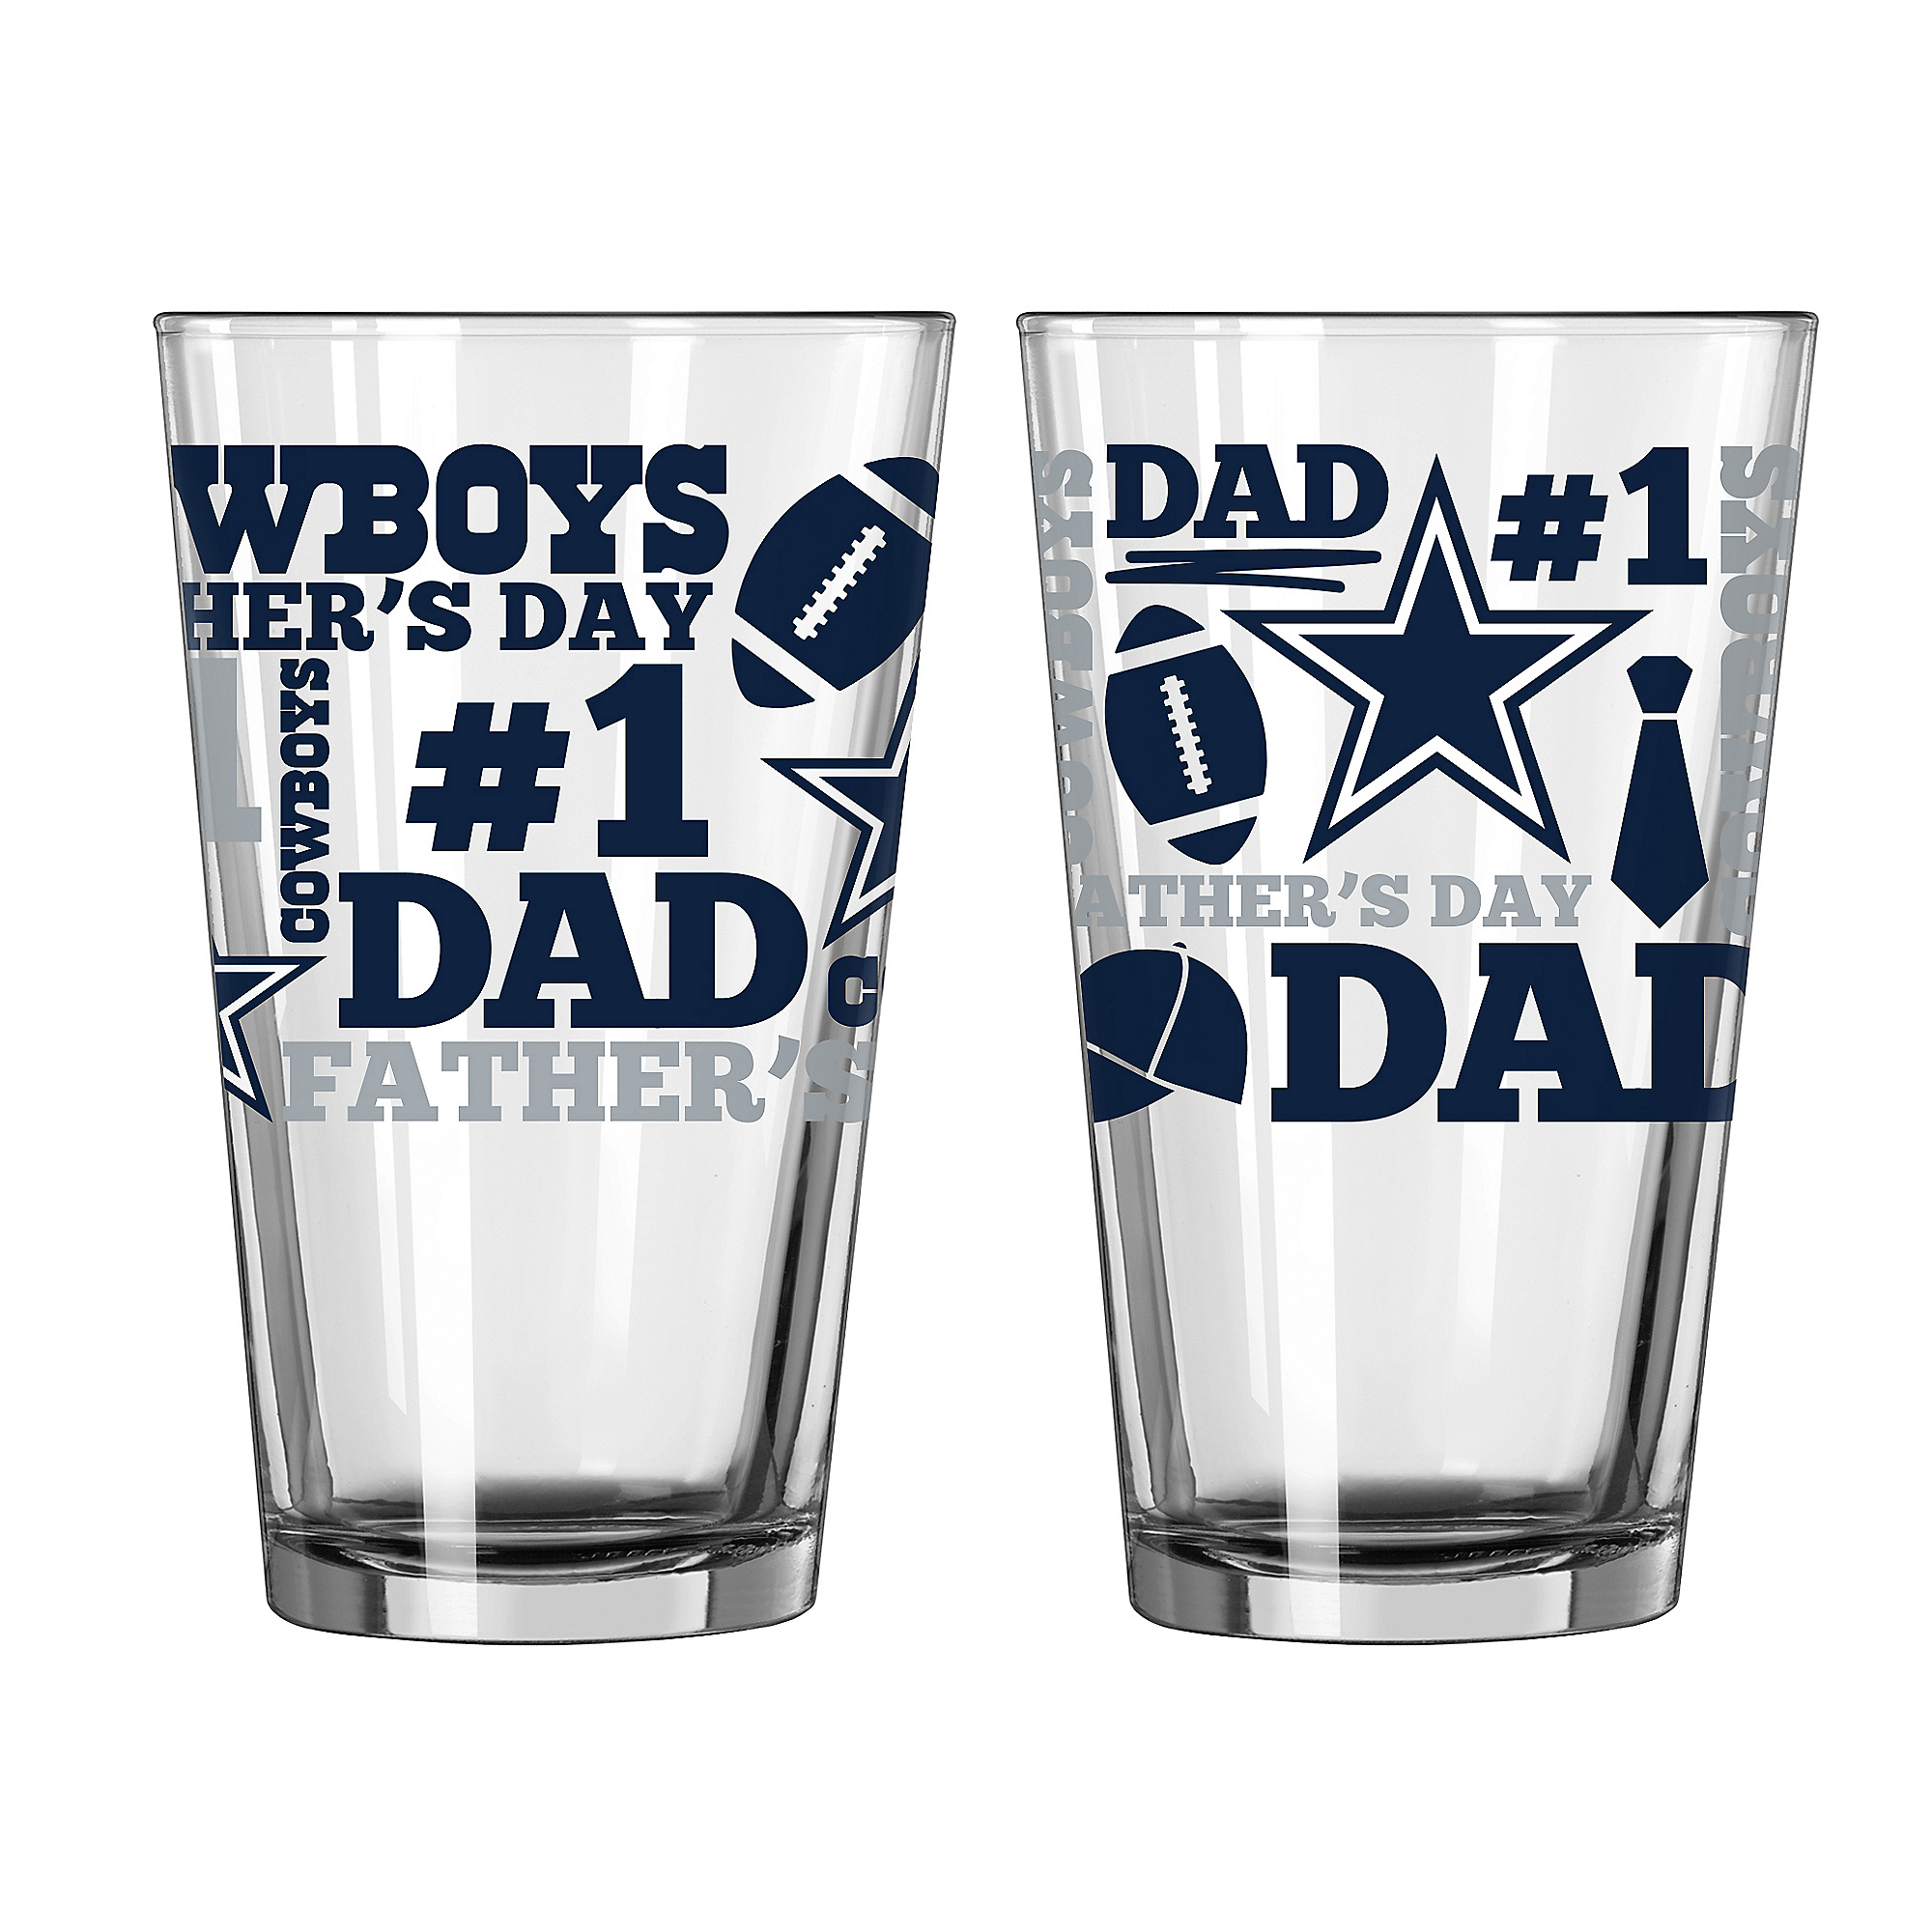 87da6c64d76 Dallas Cowboys Father's Day Pint Glass